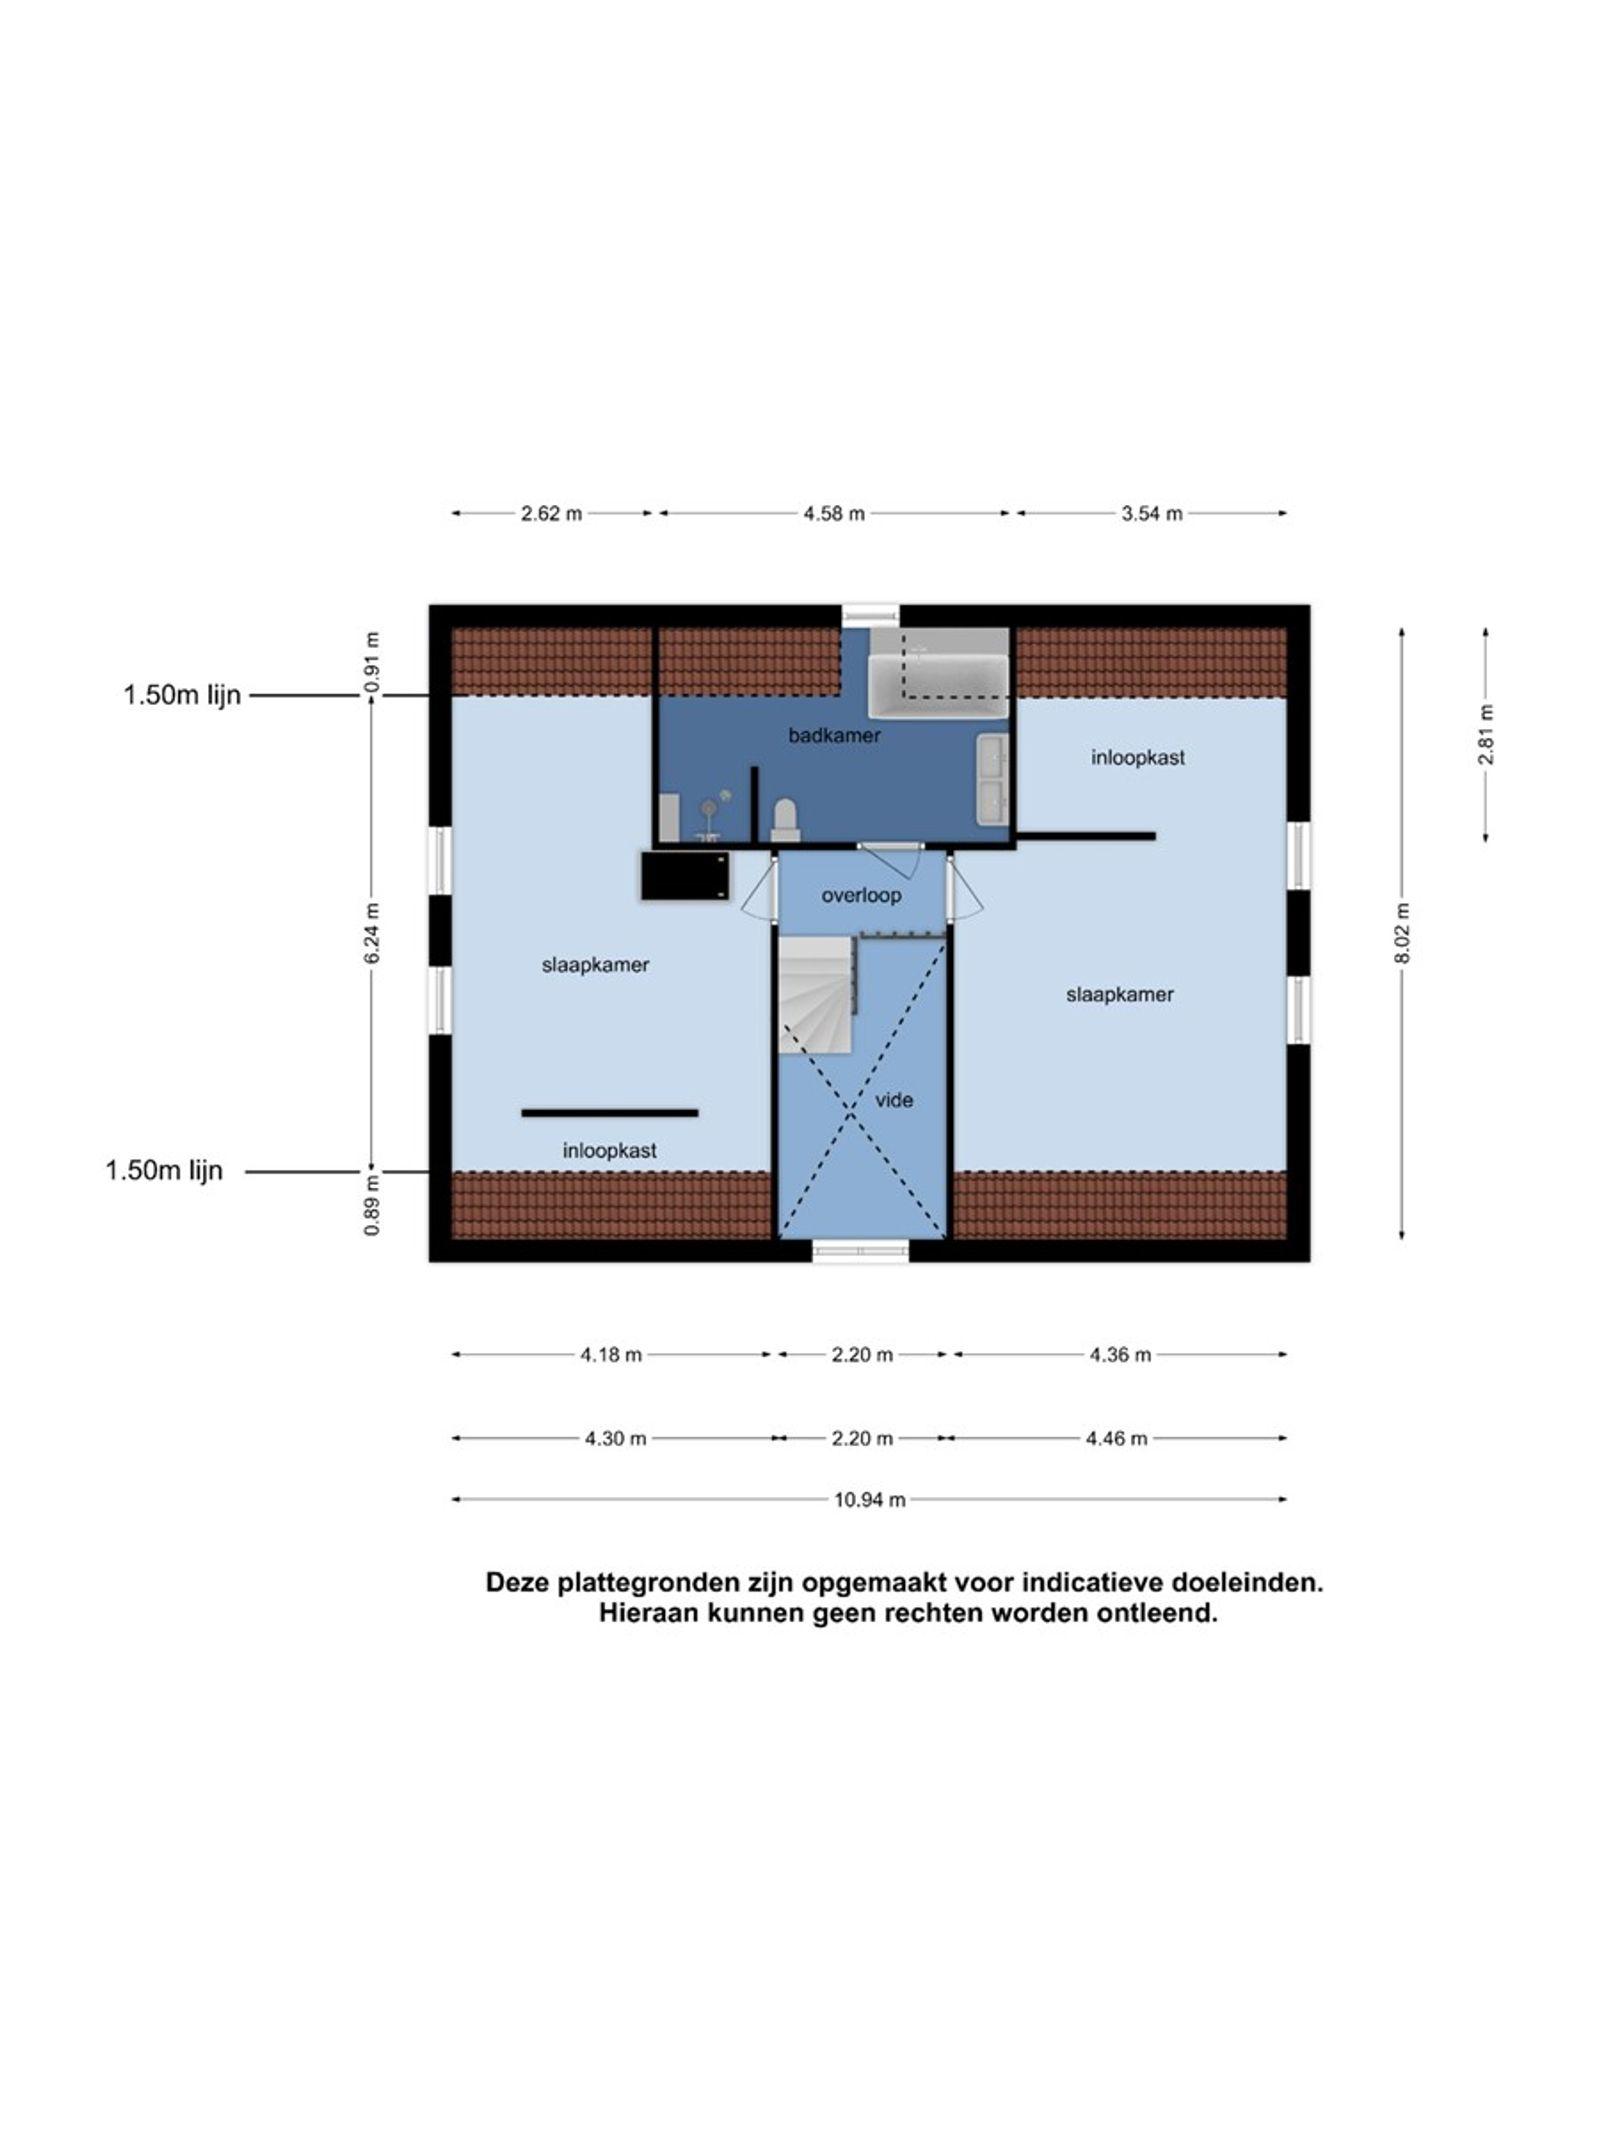 Luxe afgewerkte vrijstaande woning met royale garage (incl. 30 zonnepanelen) en paardenfaciliteiten voor de (semiprofessionele) paardenliefhebber. Via zandwegen bevindt u zich met uw paard binnen 10 minuten stappen in het prachtige natuurgebied -Pannenhoef- .  Het domein van 10.130 m² is uitgerust met een buitenrijbak voorzien van all weather bodem (20m¹ x 46 m¹) met lichtmasten, een stal met drie paardenboxen en solarium, een paddock (54 m¹ x 8,5/5,5 m¹) welke doorloopt tot de achtergelegen weide welke is af te sluiten via een houten hek, buitenpoetsplaats, mestopslag, schuilstal en nog een omheinde paardenweide. Vanuit de living kunt u optimaal genieten van de prachtige vergezichten over de weides waar uw paarden rondlopen en grazen.  De achtertuin is onder architectuur aangelegd waarbij u in alle rust - ruimte kunt genieten van het buitenleven! Deze woning biedt nieuwe bewoners de uitgelezen kans om wonen met werken-/hobby te combineren.  BEGANE GROND Ruime voorentree met garderobe. Afwerking- tegelvloer met vloerverwarming, stucwerk wanden en een stucwerk plafond. Meterkast- 8 groepen en aardlekschakelaarbeveiliging.  Toiletruimte met -zwevend- toilet en fonteintje. Afwerking- tegelvloer met vloerverwarming, betegelde wanden en een stucwerk plafond.  Sfeervolle woonkamer met erker, fraaie openhaard en openslaande tuindeuren. U kunt hier optimaal  genieten van de prachtige vergezichten over de weides waar uw paarden rondlopen en grazen. Afwerking- laminaatvloer met vloerverwarming, stucwerk wanden en een stucwerk plafond.  Moderne open keuken in hoekopstelling uitgerust met een hardstenen aanrechtblad, 1 spoelbak, koelkast, 5 pits gas kookplaat, combi-magnetron, vaatwasser en RVS afzuigkap.  Afwerking- tegelvloer met vloerverwarming, stucwerk wanden en een stucwerk plafond.  Multifunctionele ruimte welke nu in gebruik is als kantoorruimte. Afwerking- tegelvloer met vloerverwarming, stucwerk wanden en een stucwerk plafond.  Achterentree/praktische bijkeuken uitger